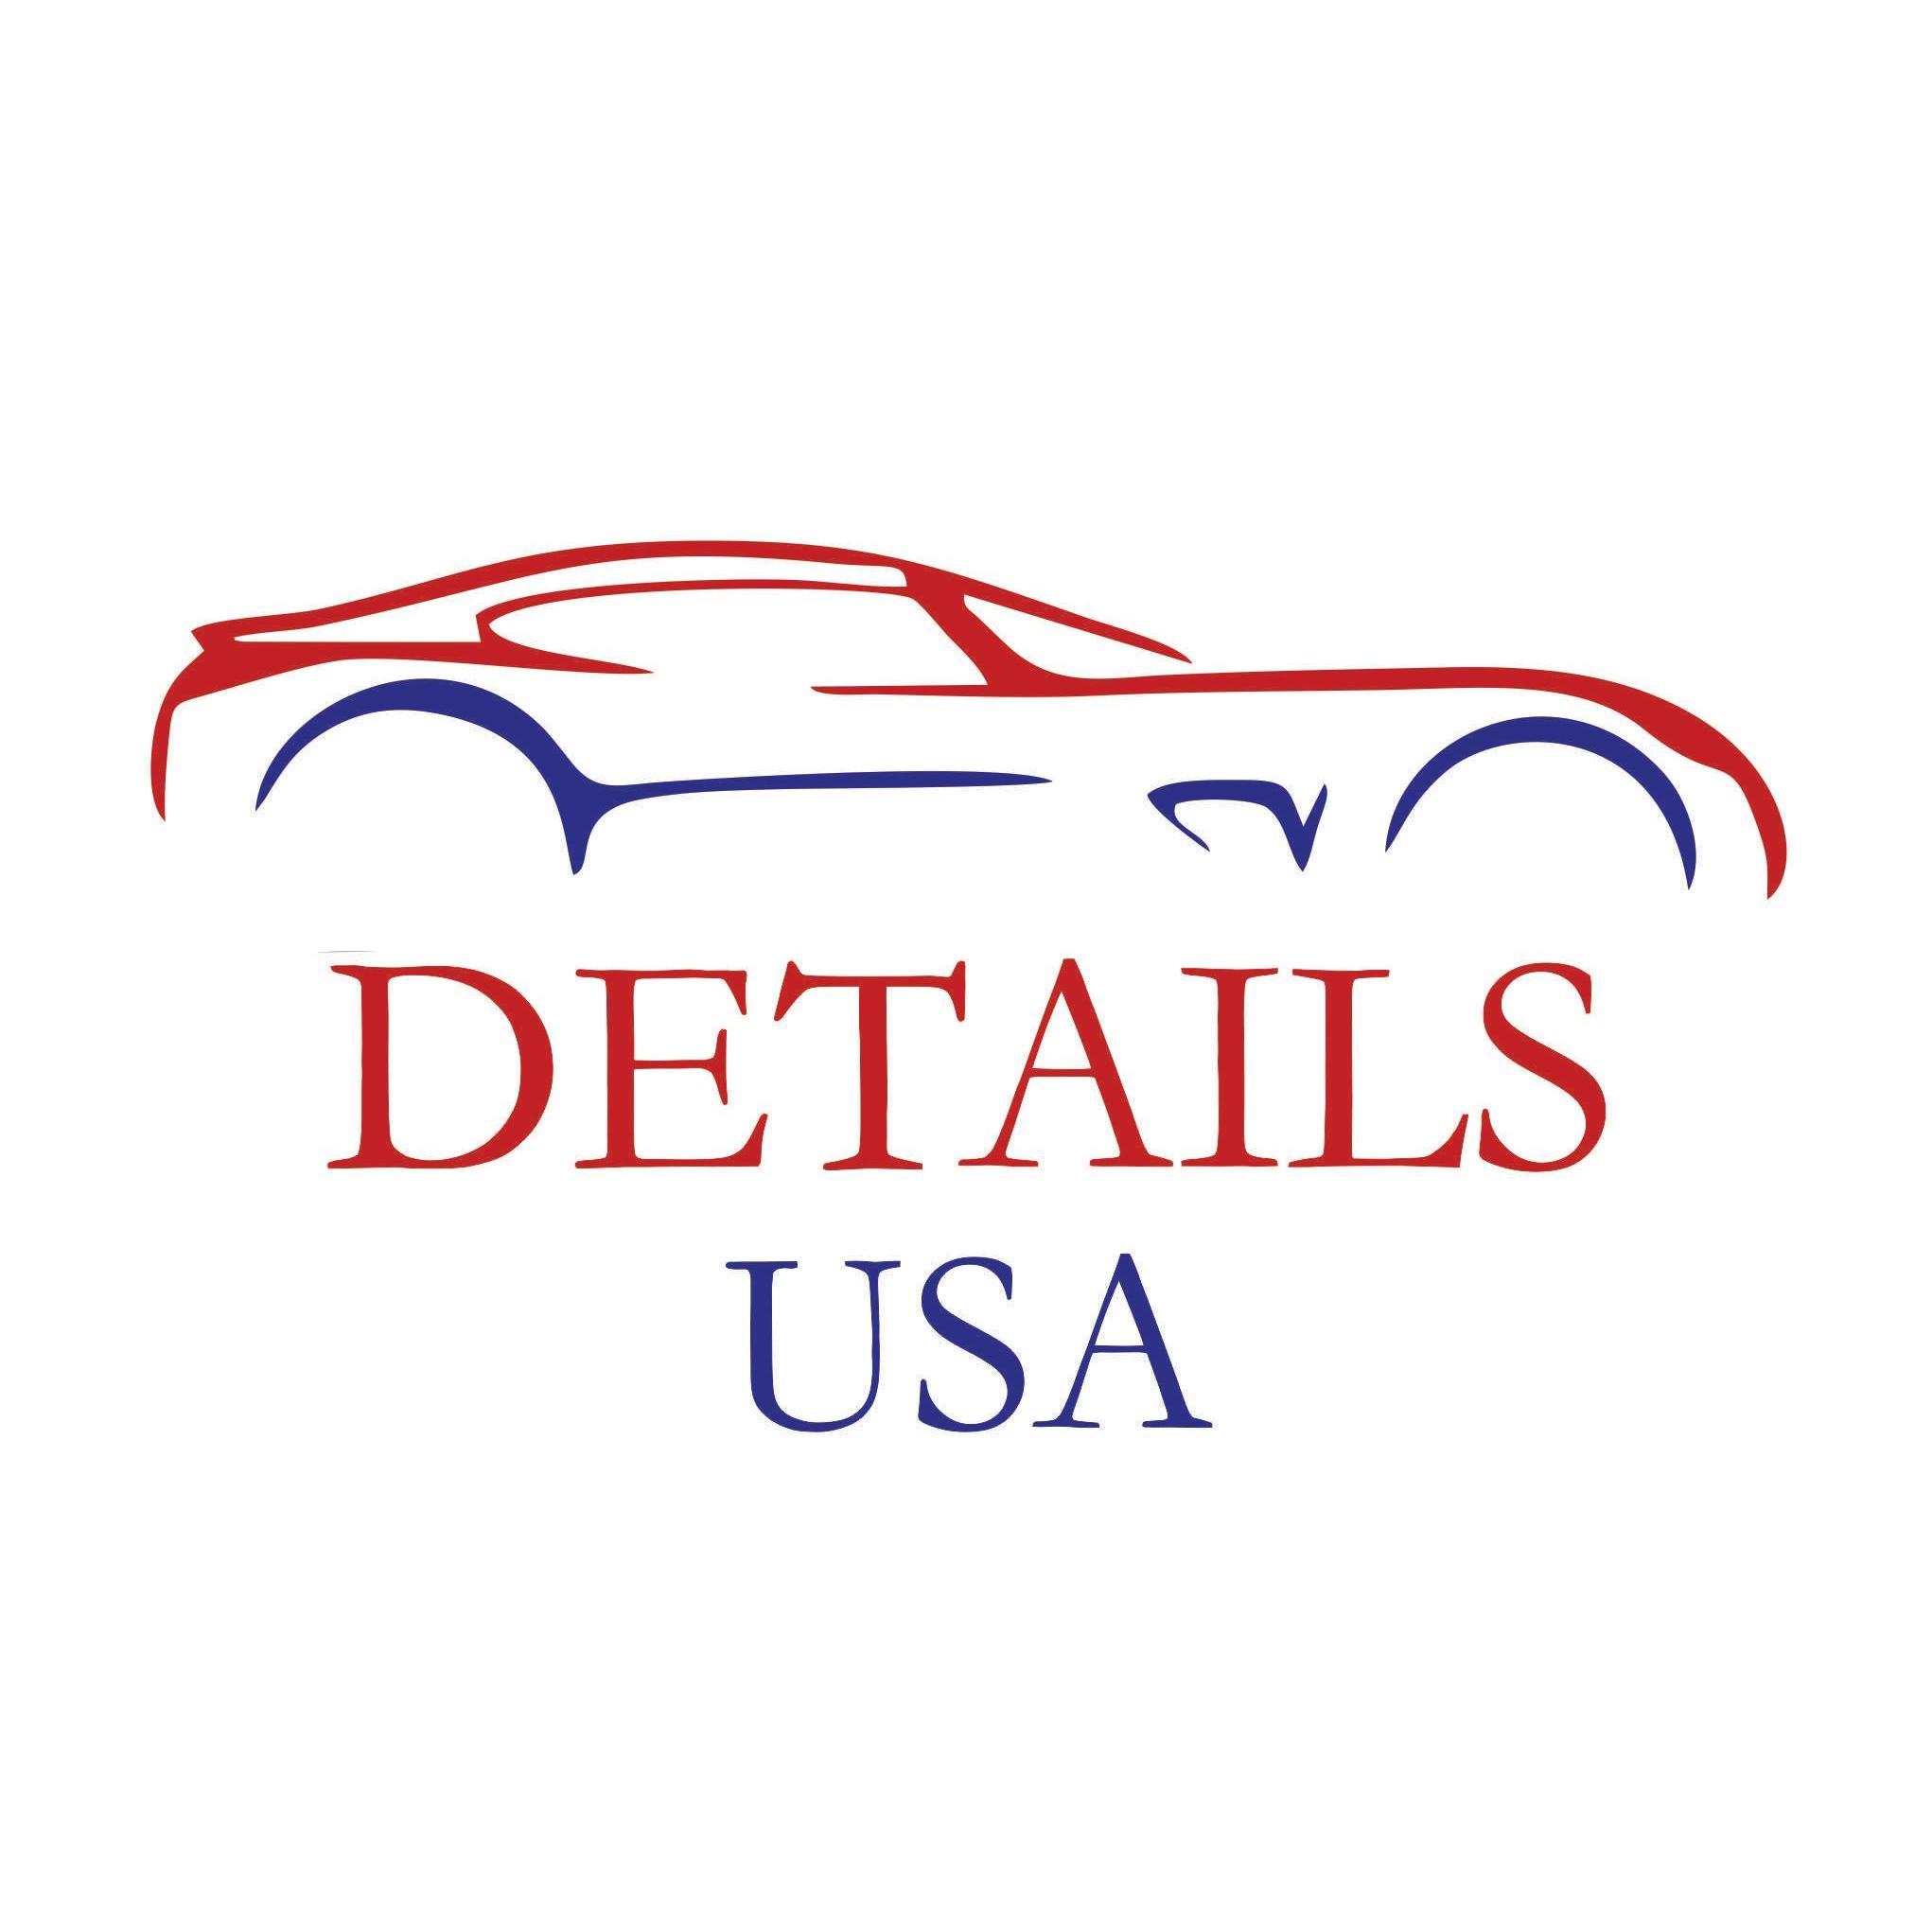 Details USA